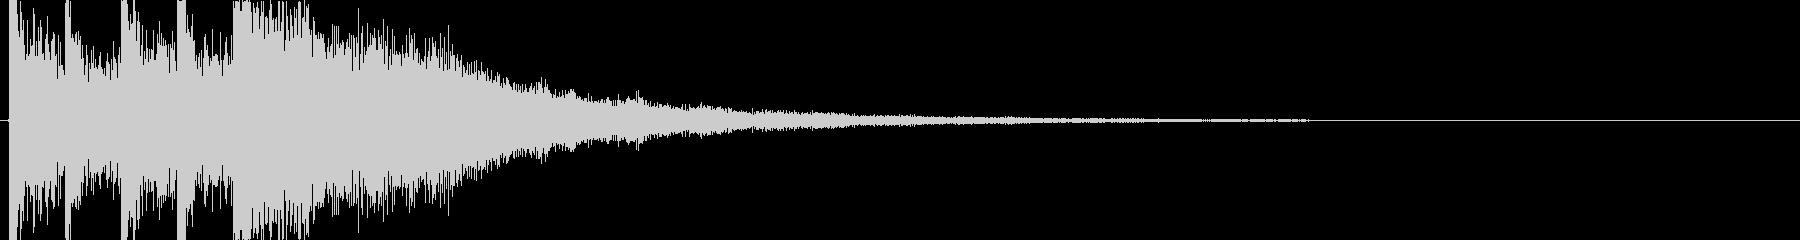 高音質煌めき系ジングル曲可愛くキラの未再生の波形